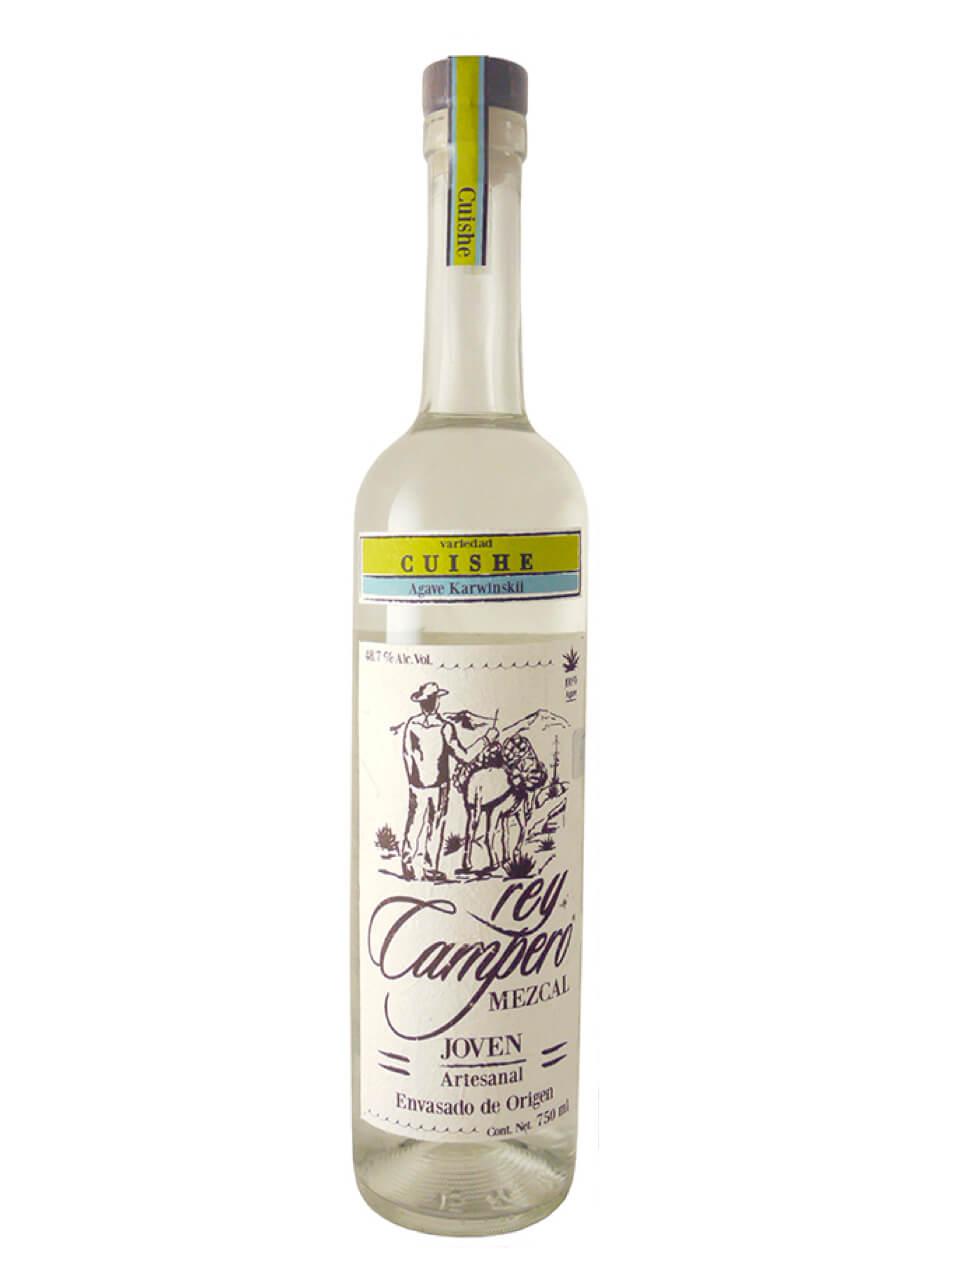 Rey Campero Cuishe Joven Mezcal bottle